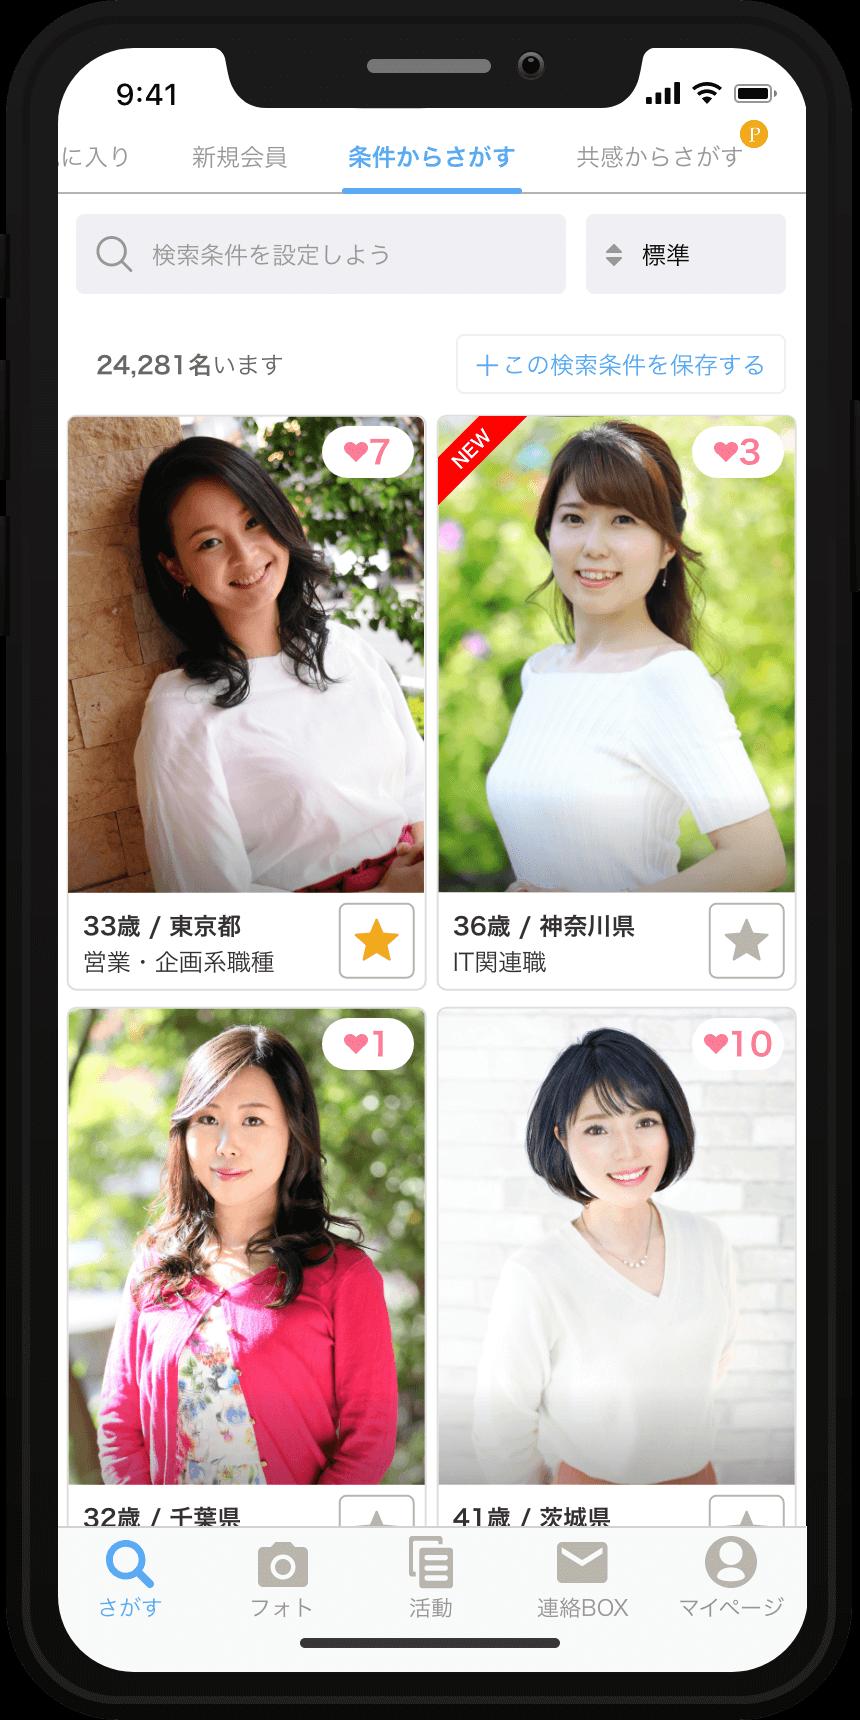 IBJで婚活を始める前に知っておきたいIBJSアプリ